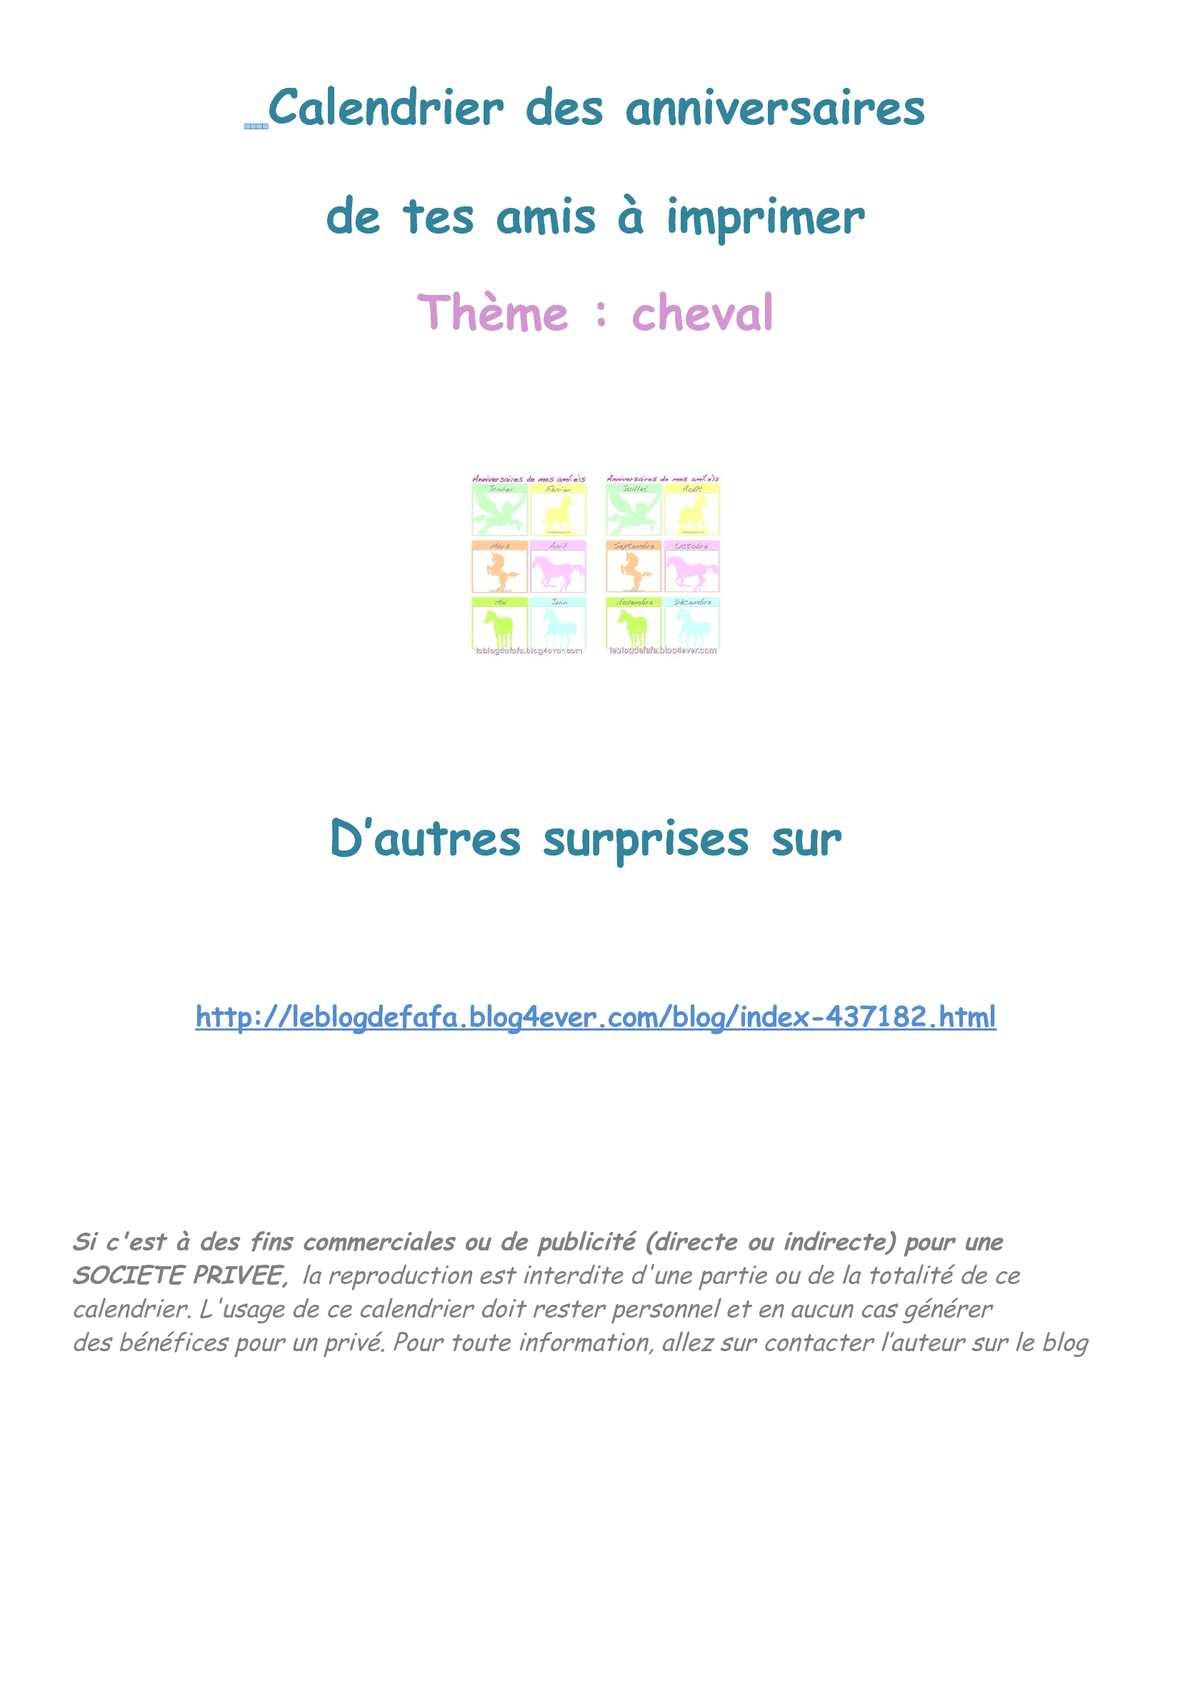 Calaméo - Thème Cheval : Calendrier Des Anniversaires De Tes destiné Calendrier Des Anniversaires À Imprimer